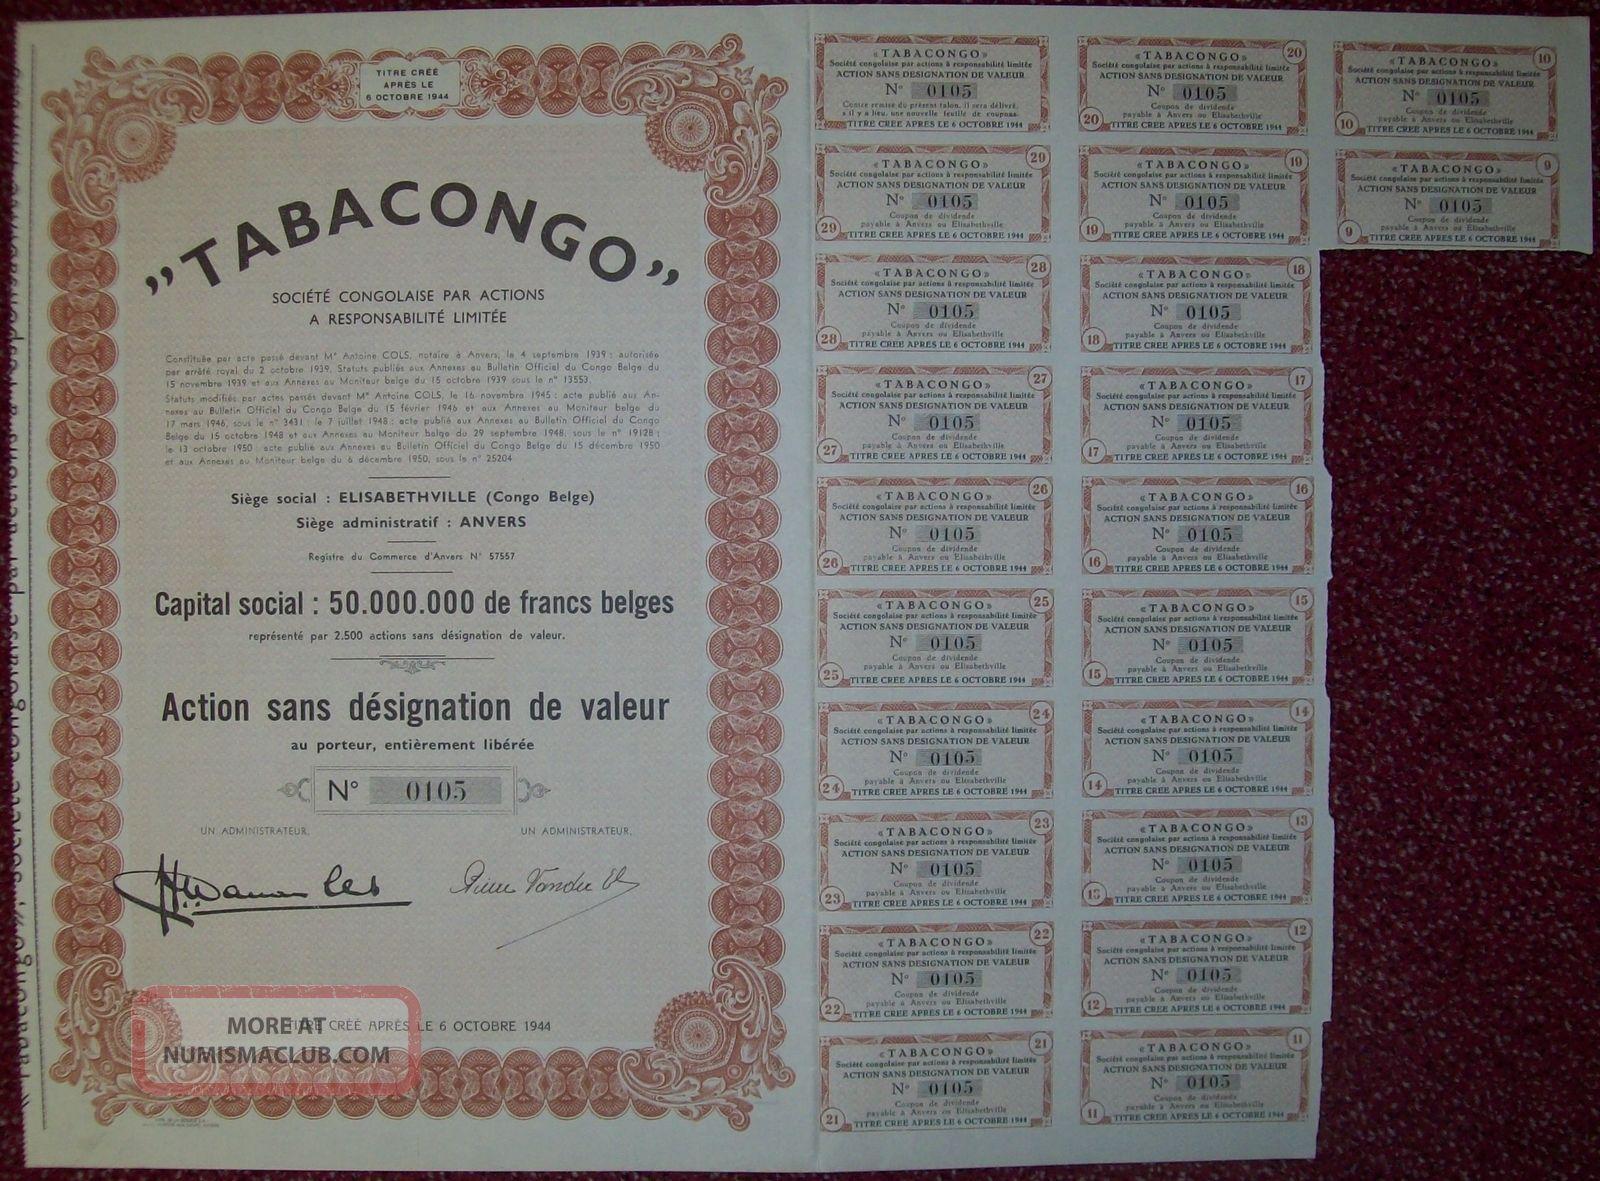 Belgium 1950 Bond - Tabacongo Elisabethville (congo) - Tabac Tobacco.  R3397 World photo